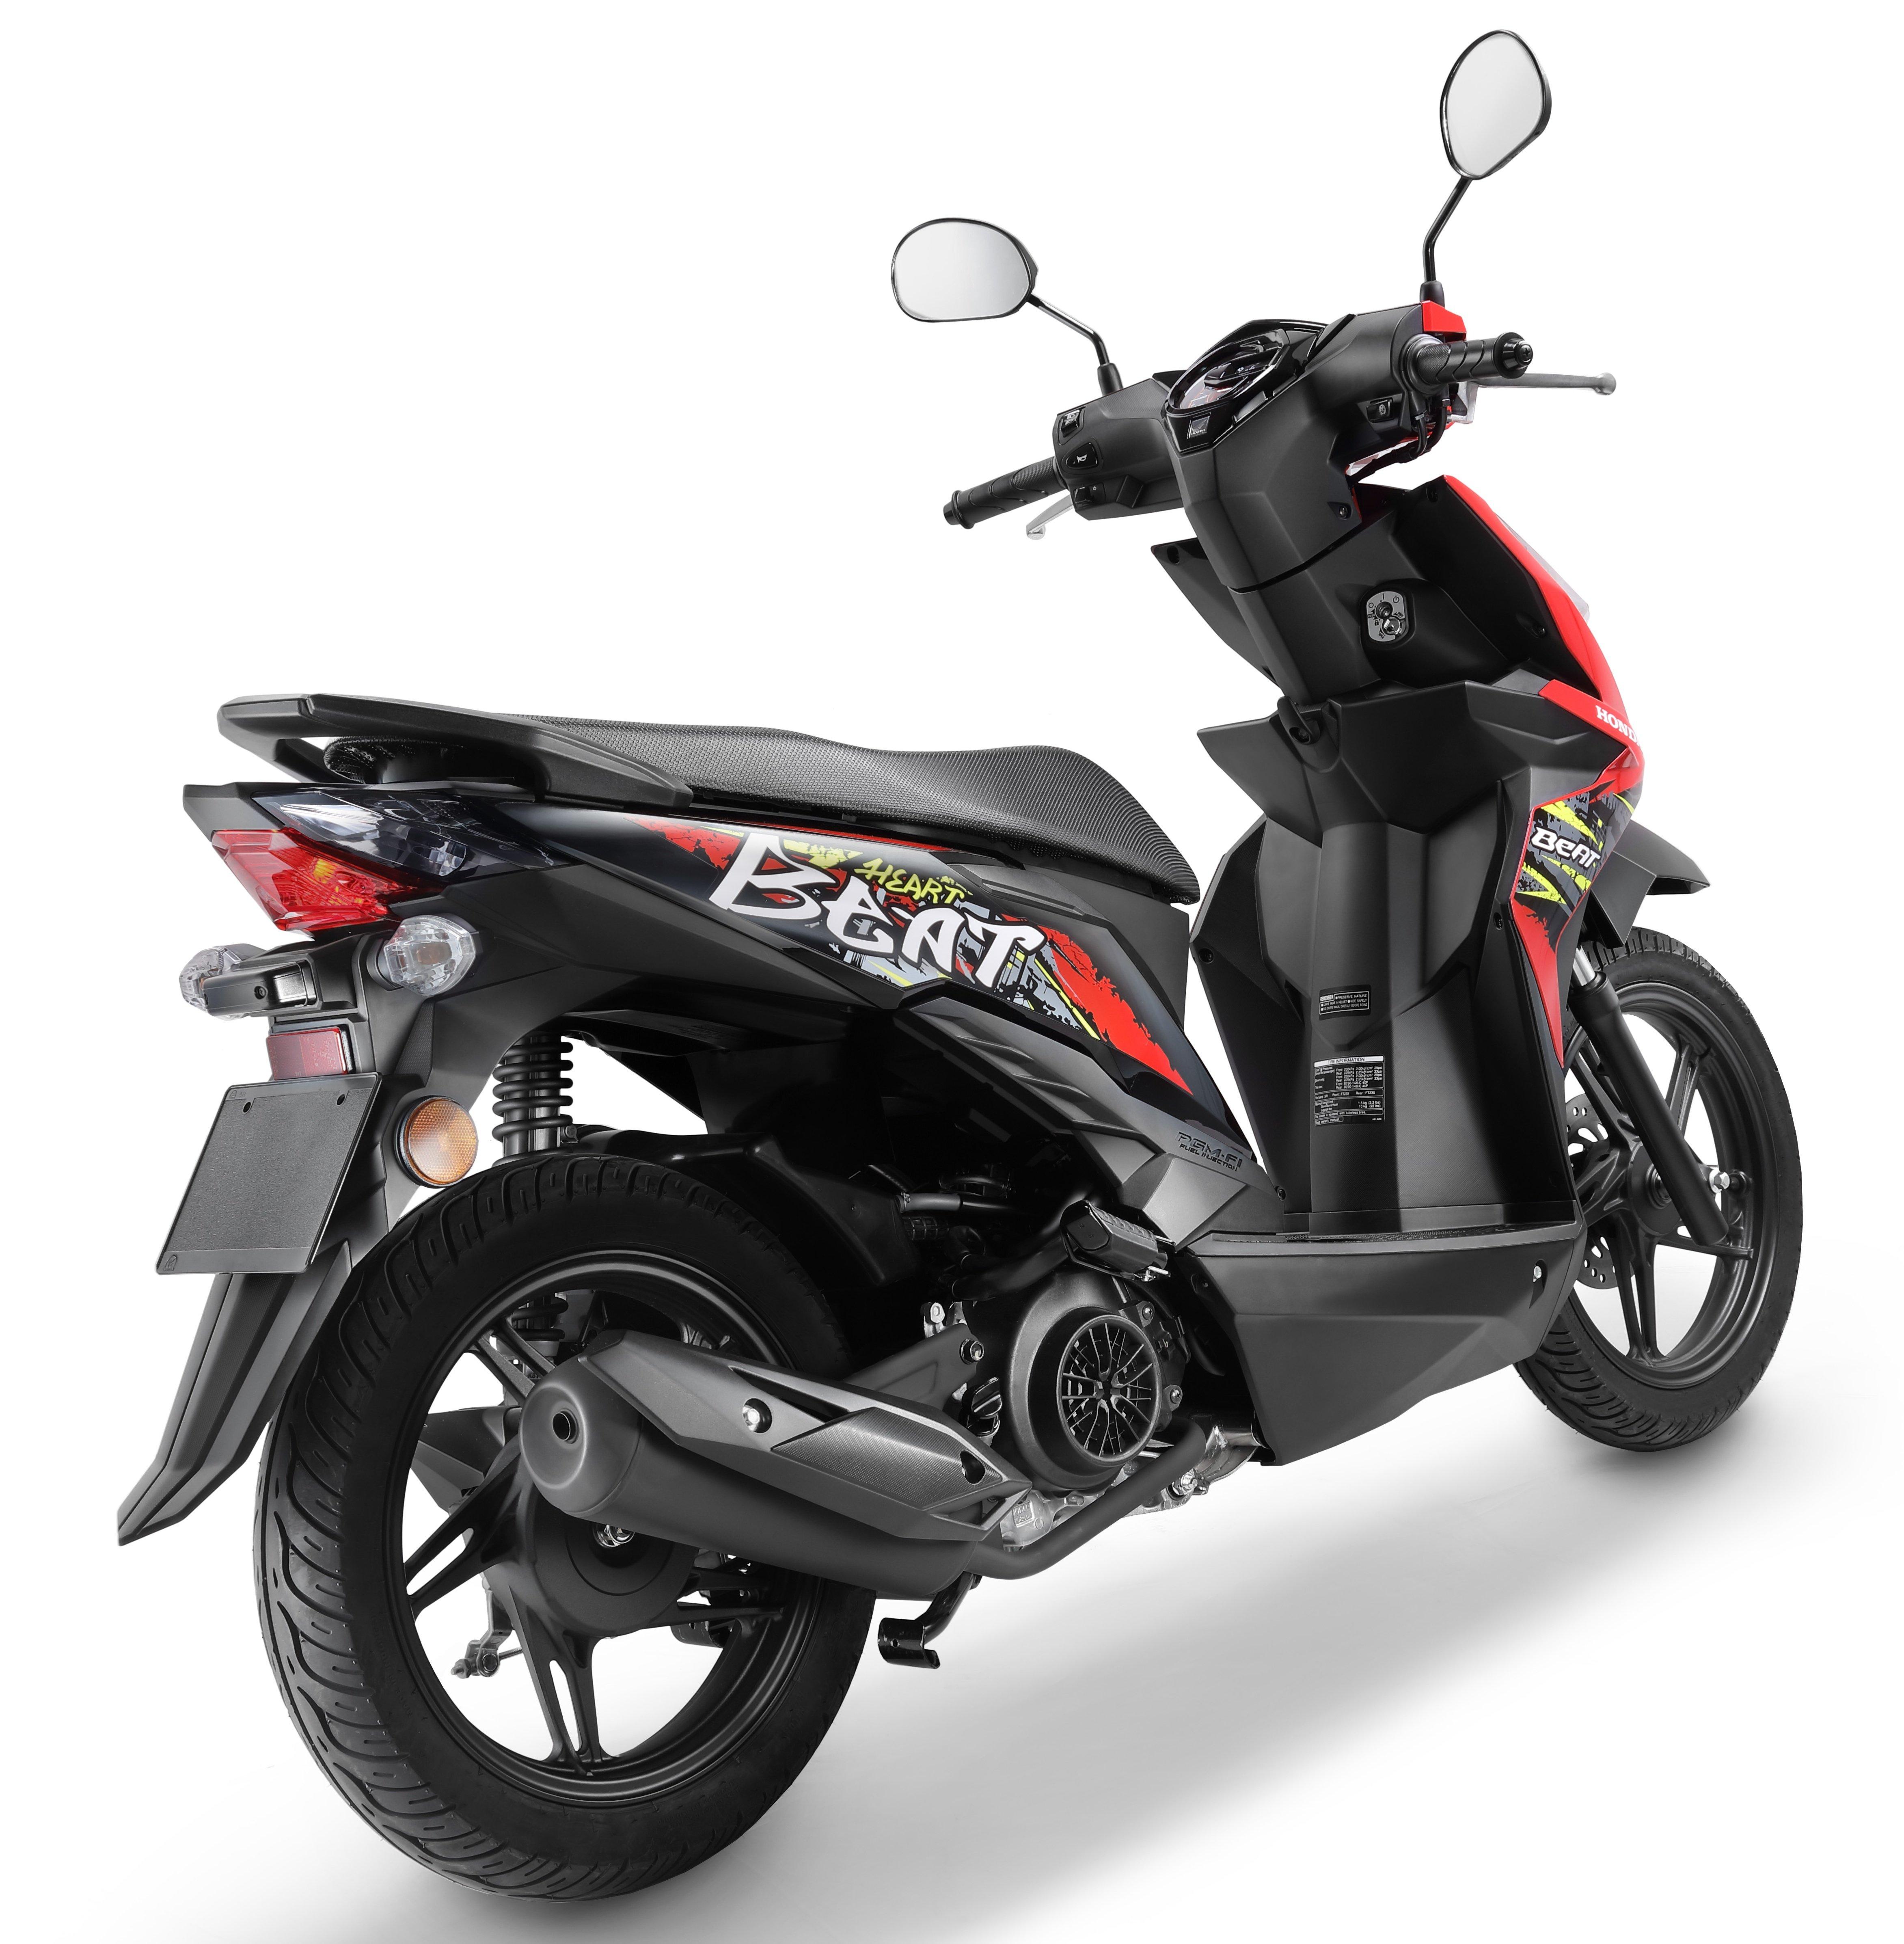 HARGA MOTOR HONDA - hondacengkareng.com